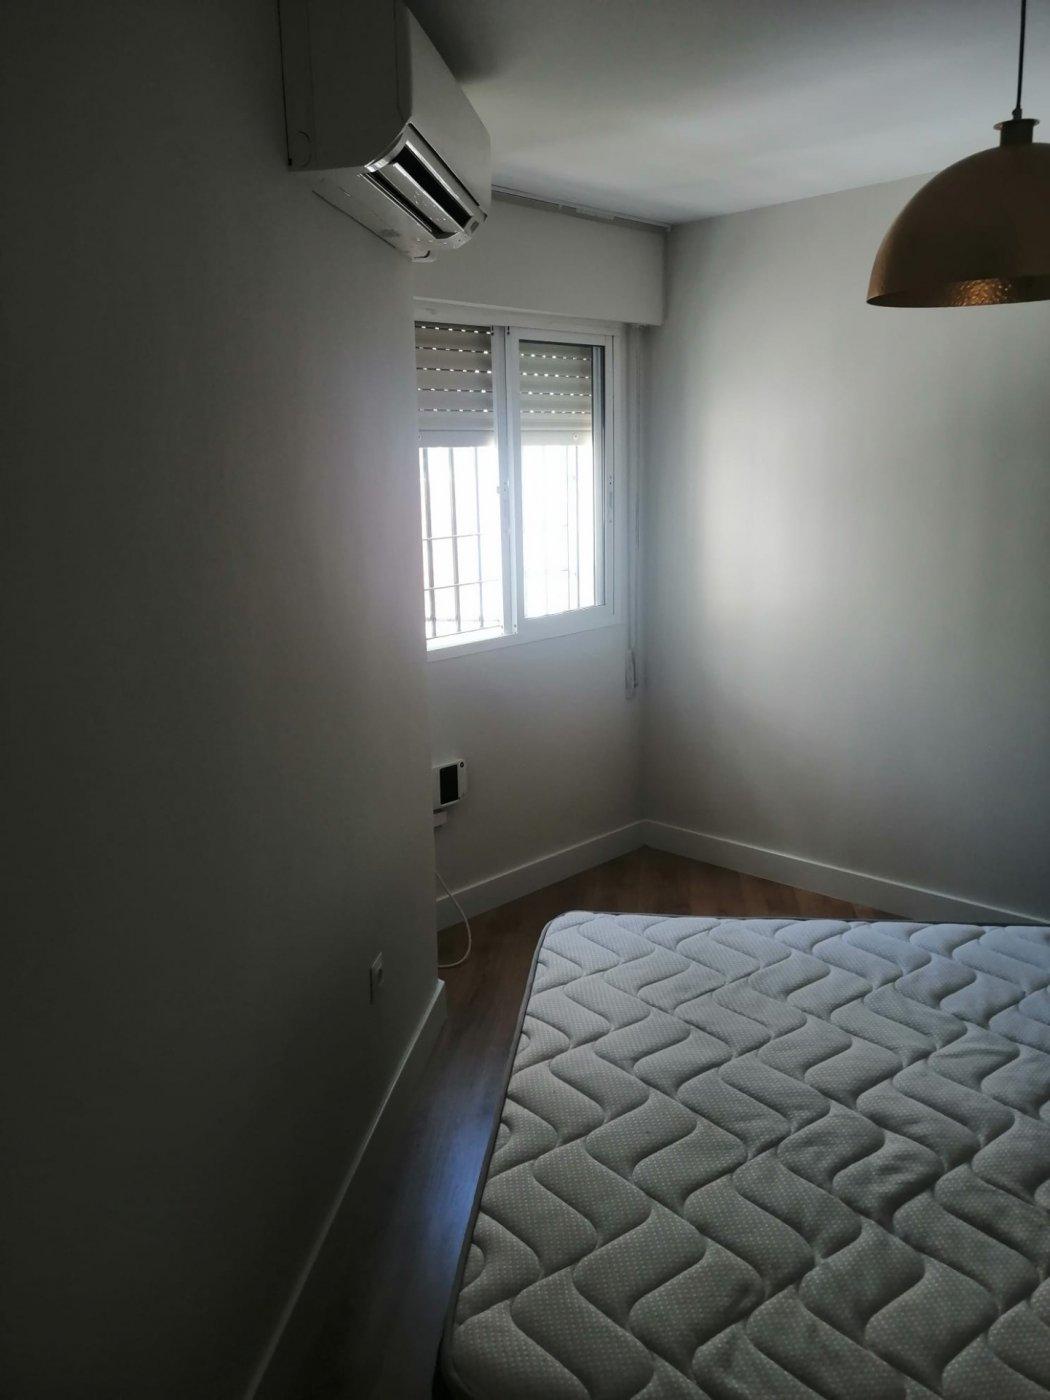 Apartamento 2 dormitorios en la cariihuela - imagenInmueble12